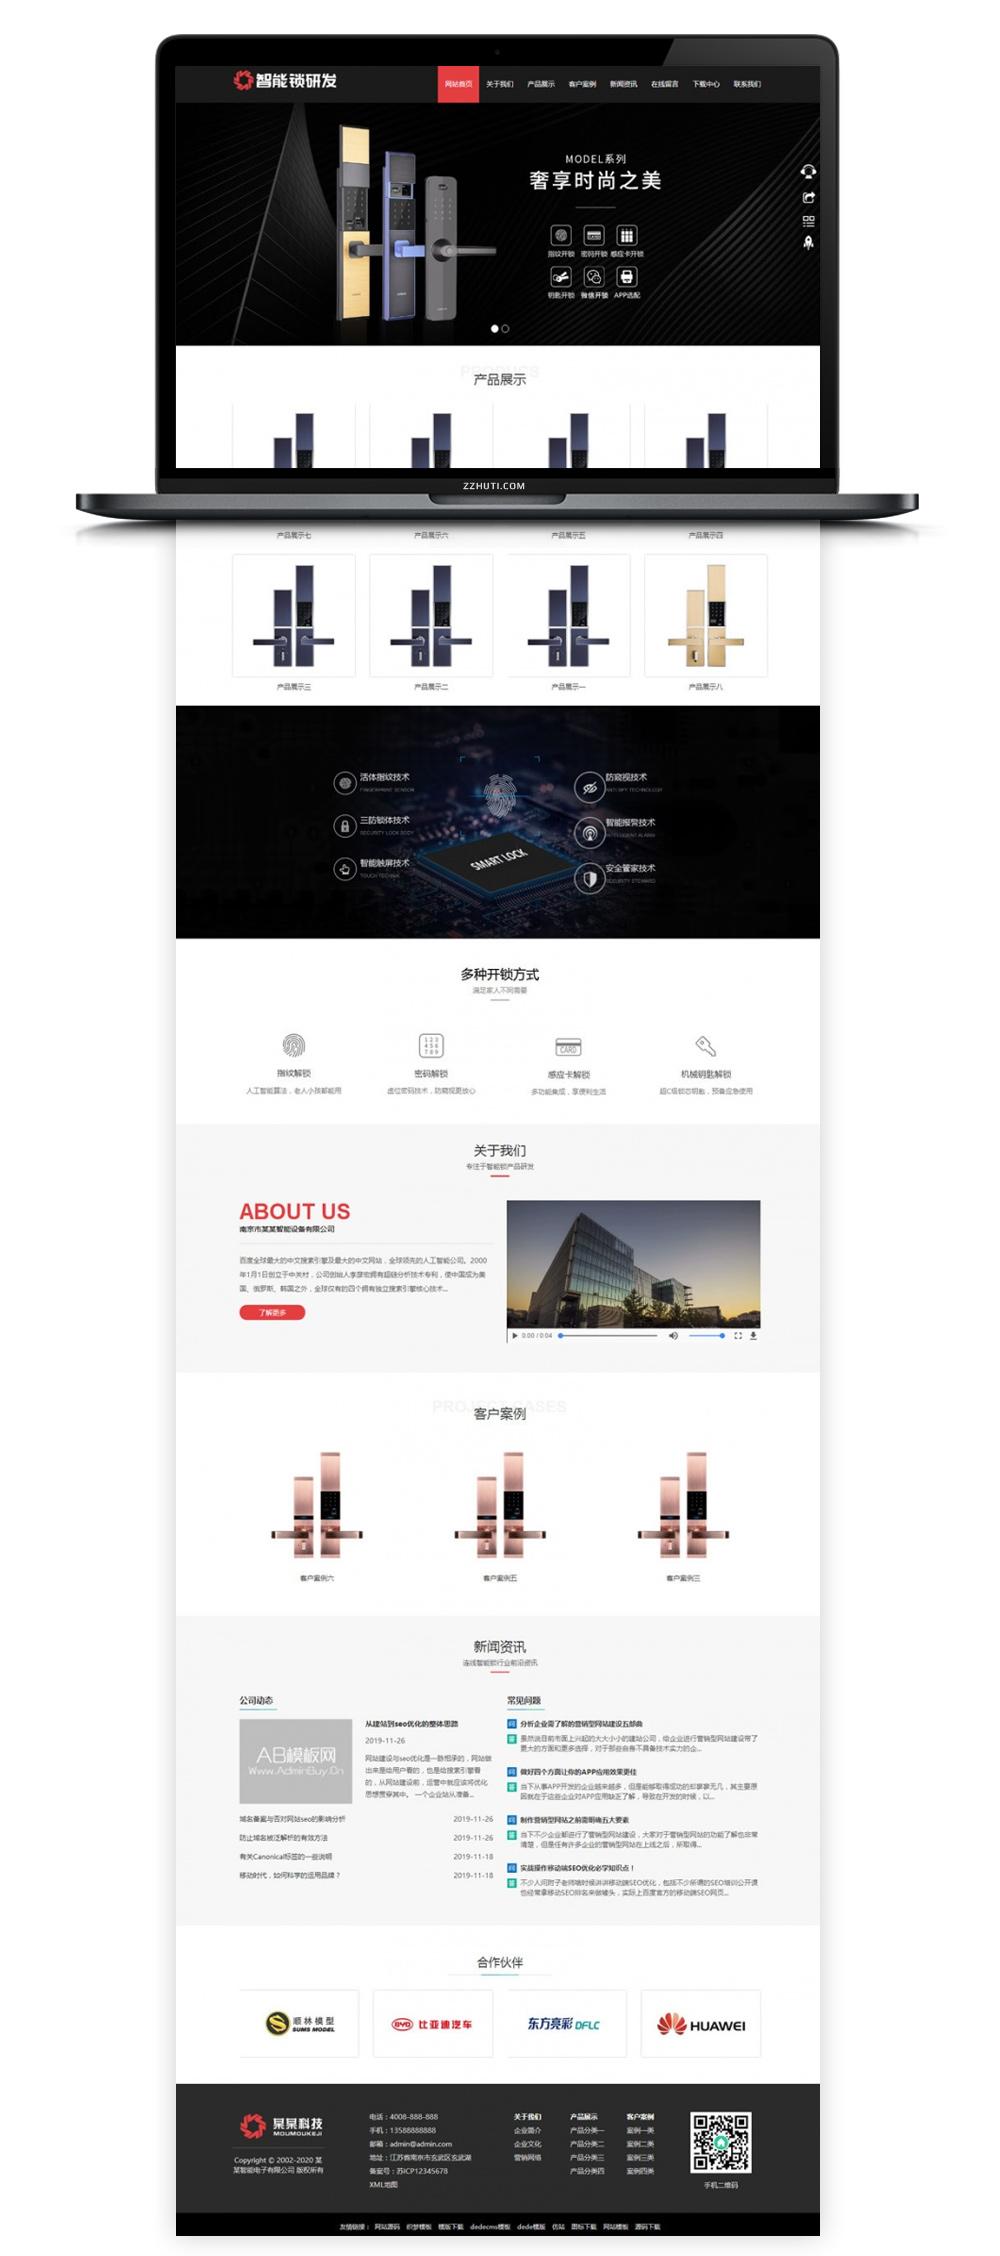 【织梦锁业网站模板】HTML5电子智能安全锁网站DEDECMS模板[自适应WAP手机端]-蓝汇源码